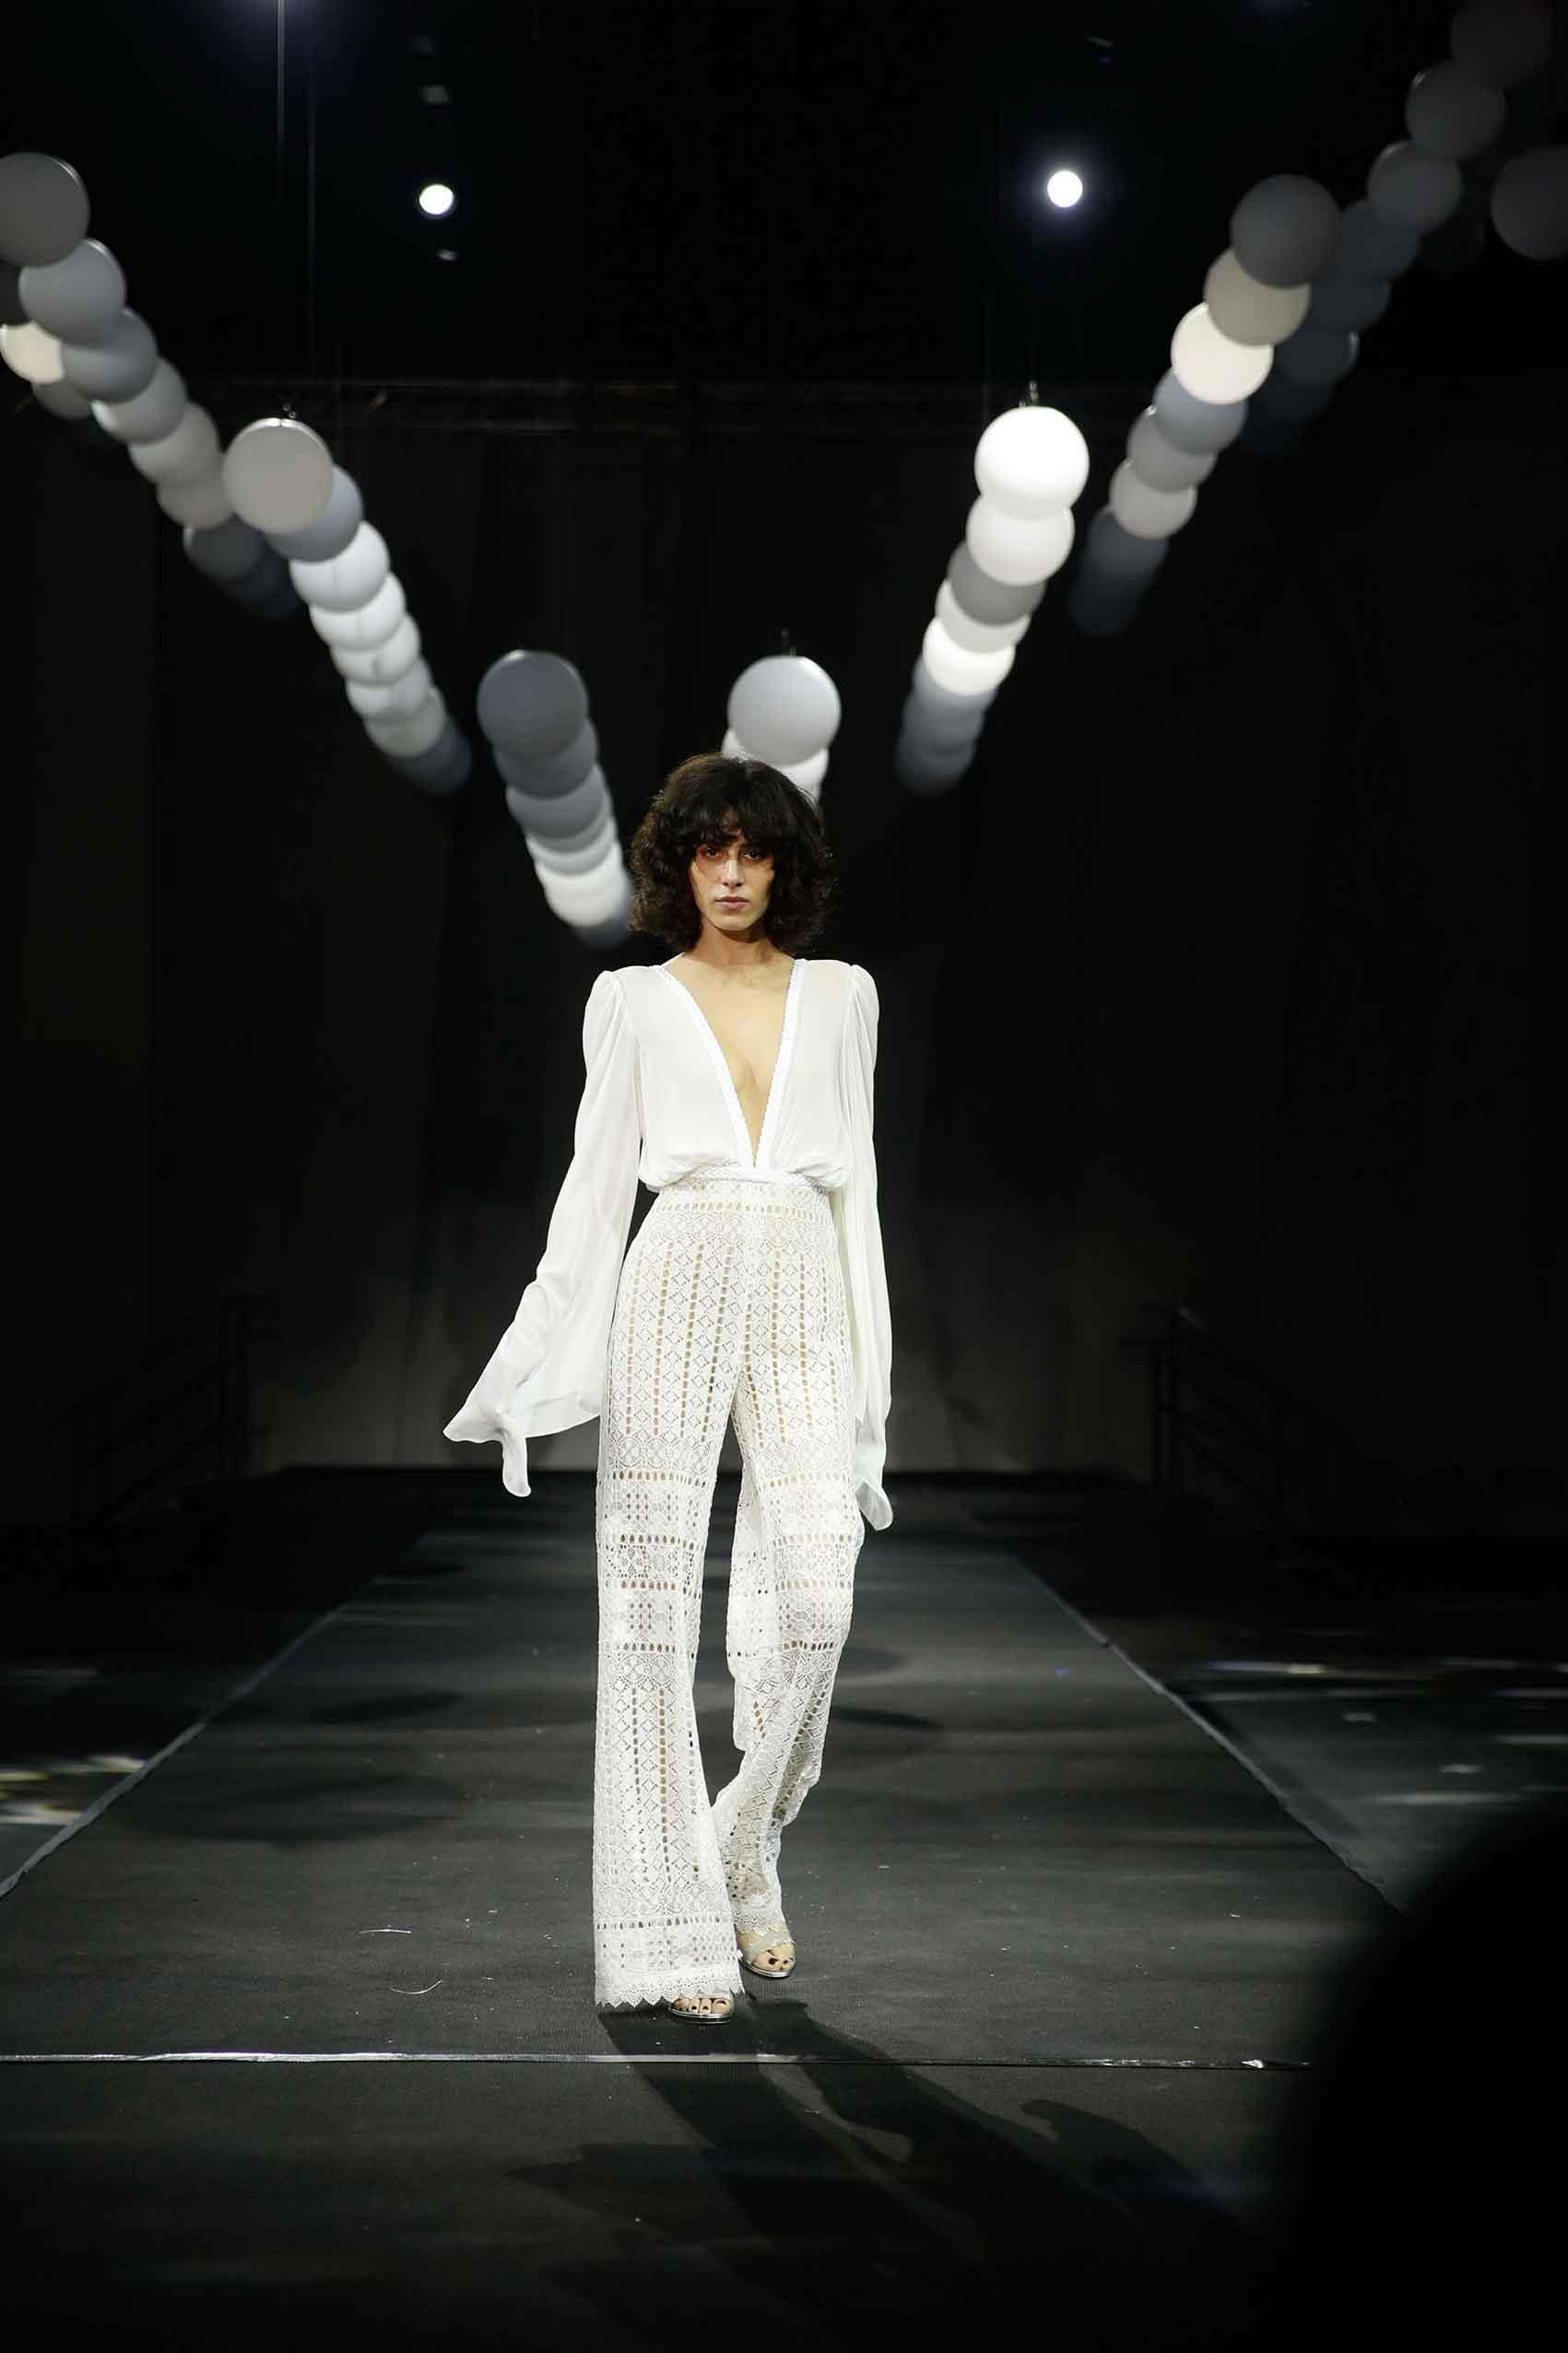 ארבל-קינן-דרור-קונטטנו-אופנה-2021-מגזין-אופנה-אונליין